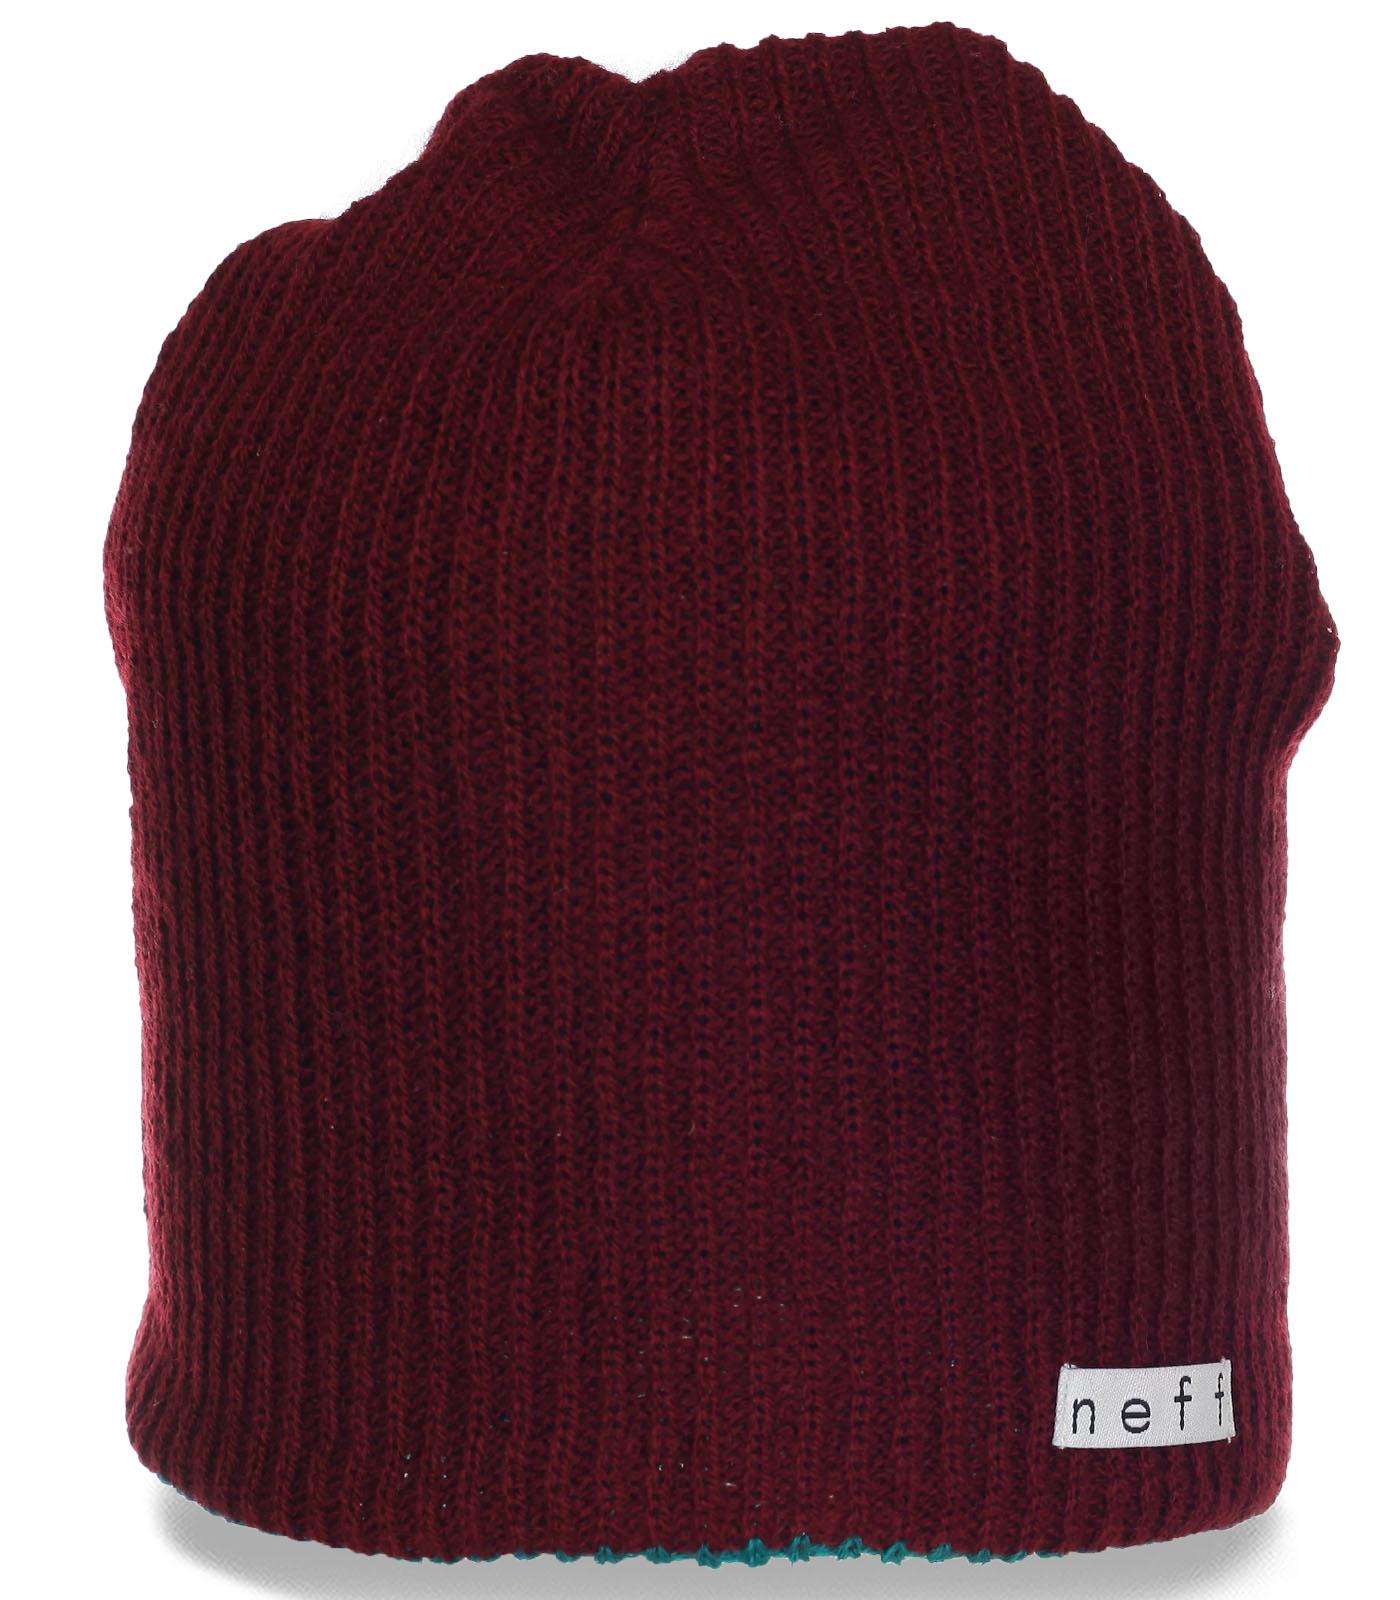 Мягкая женская шапочка Neff. Удобная и теплая модель на каждый день